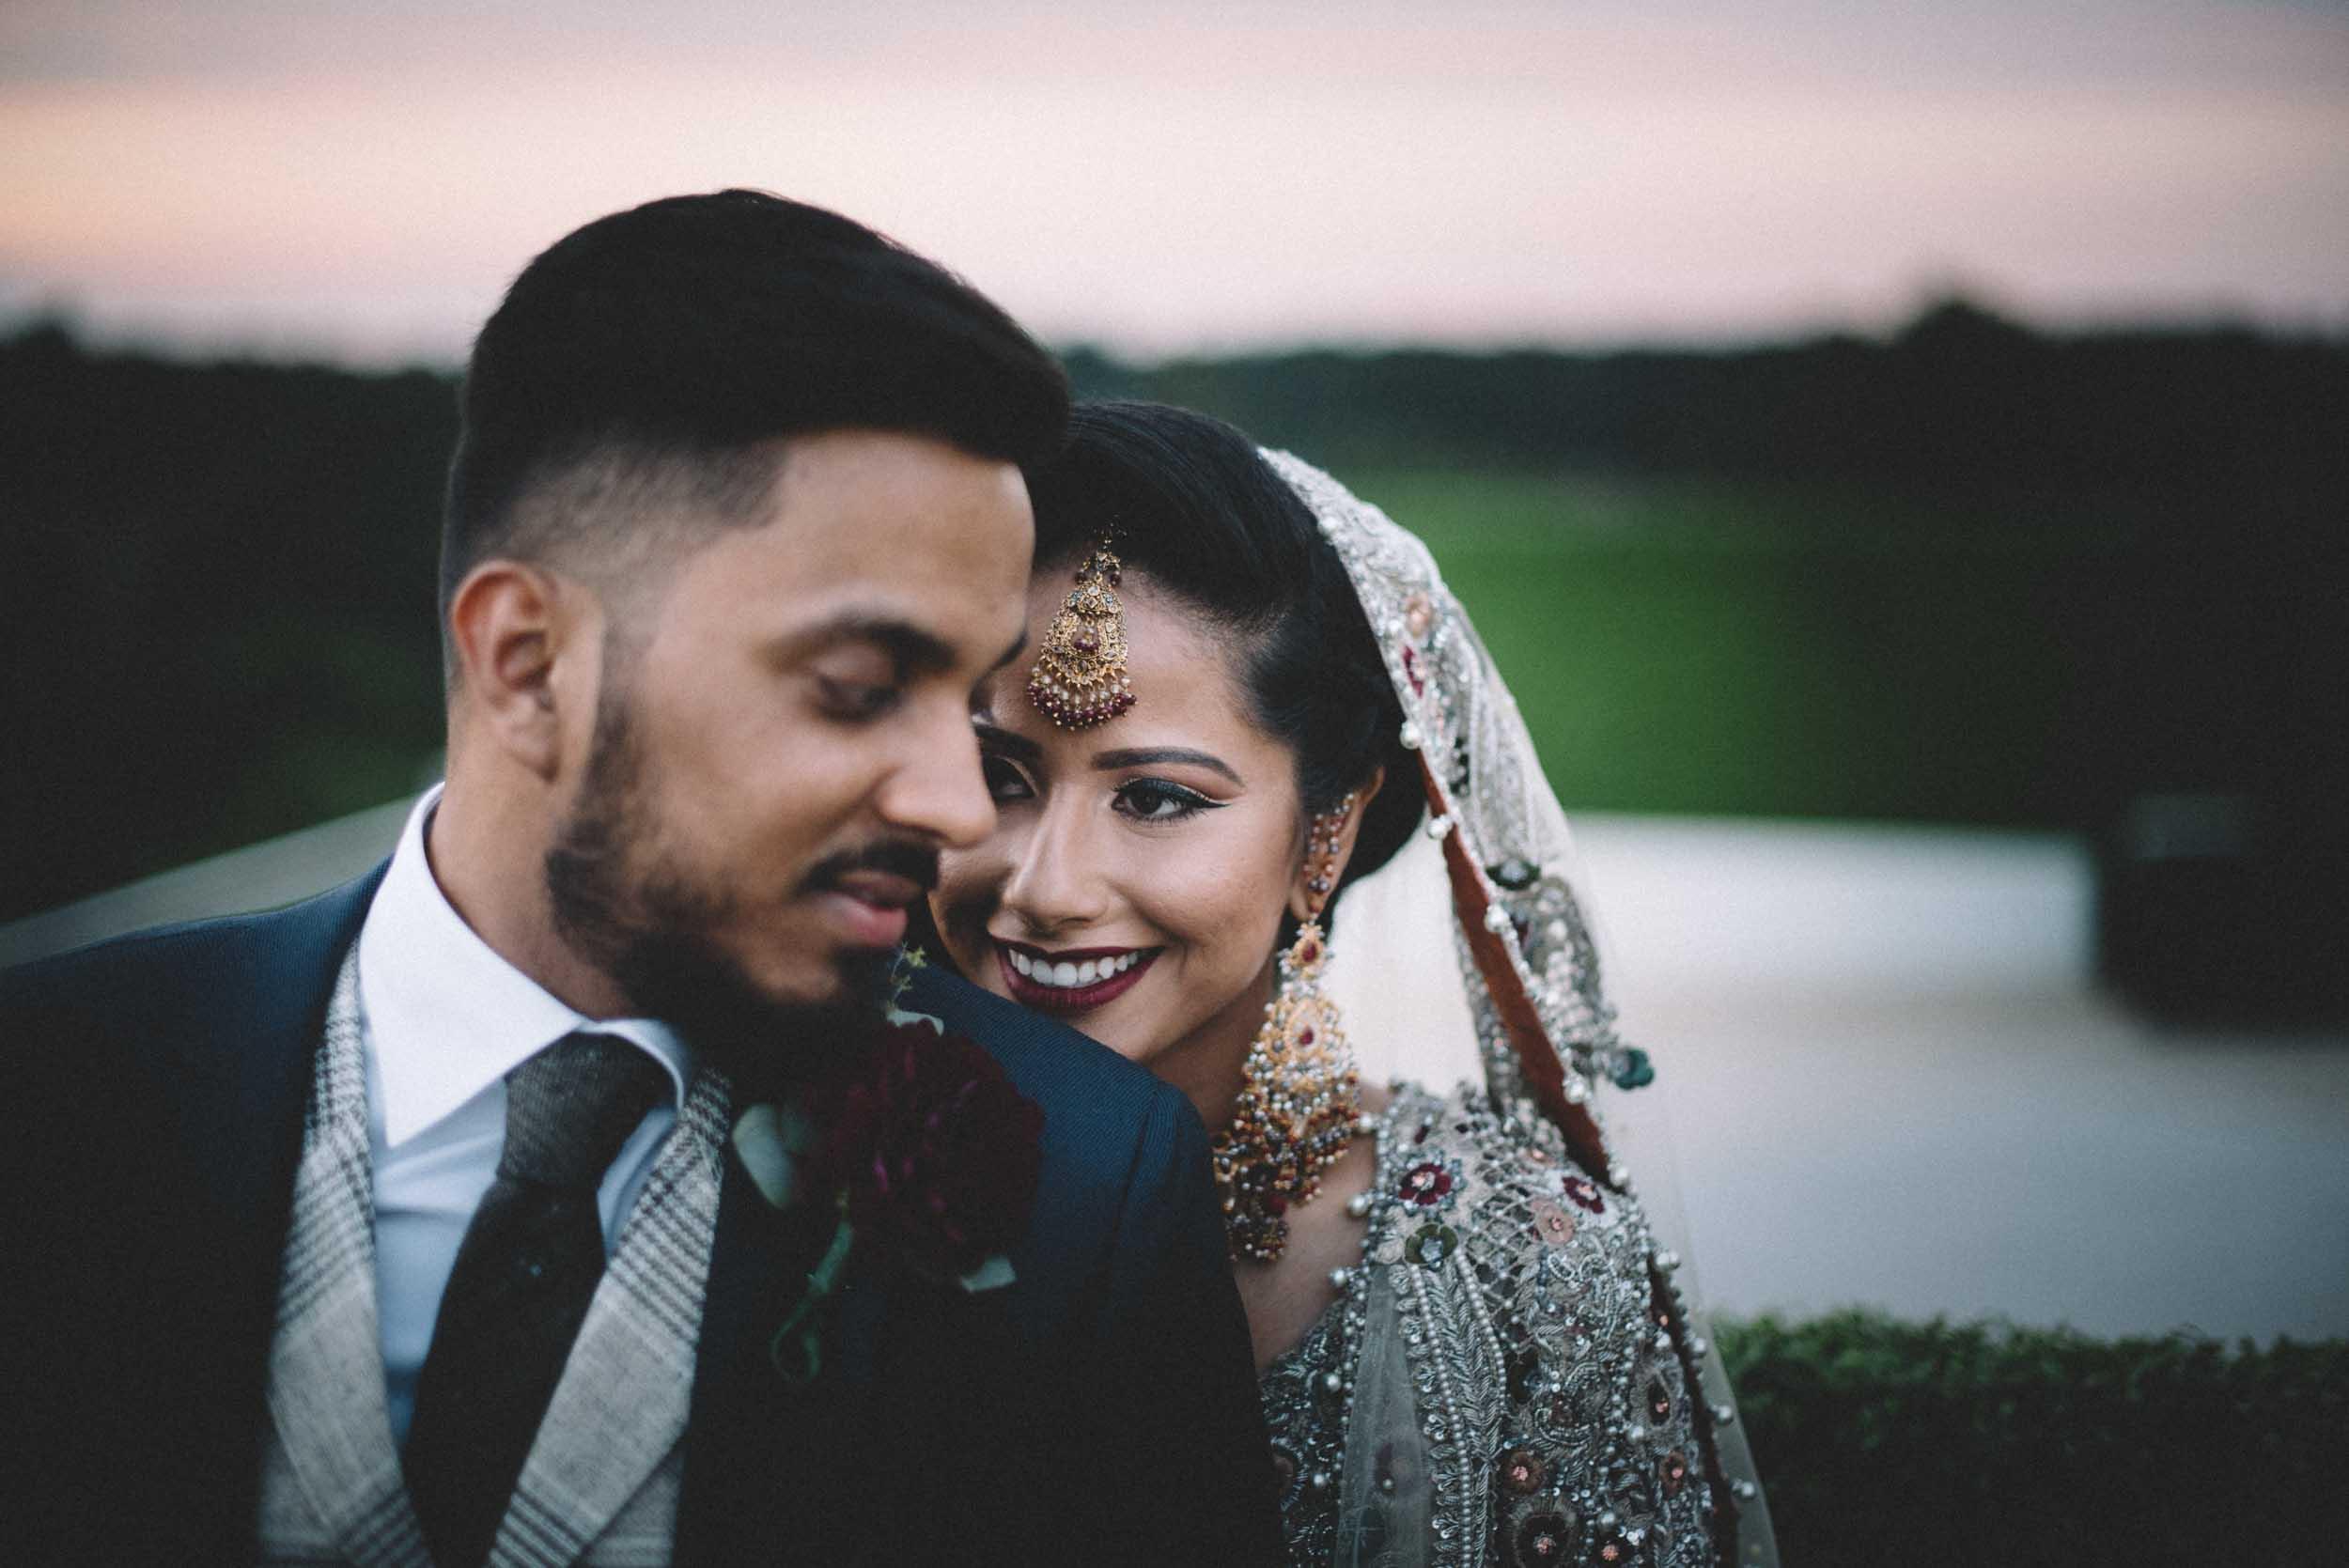 centreville-virginia-wedding-43.jpg